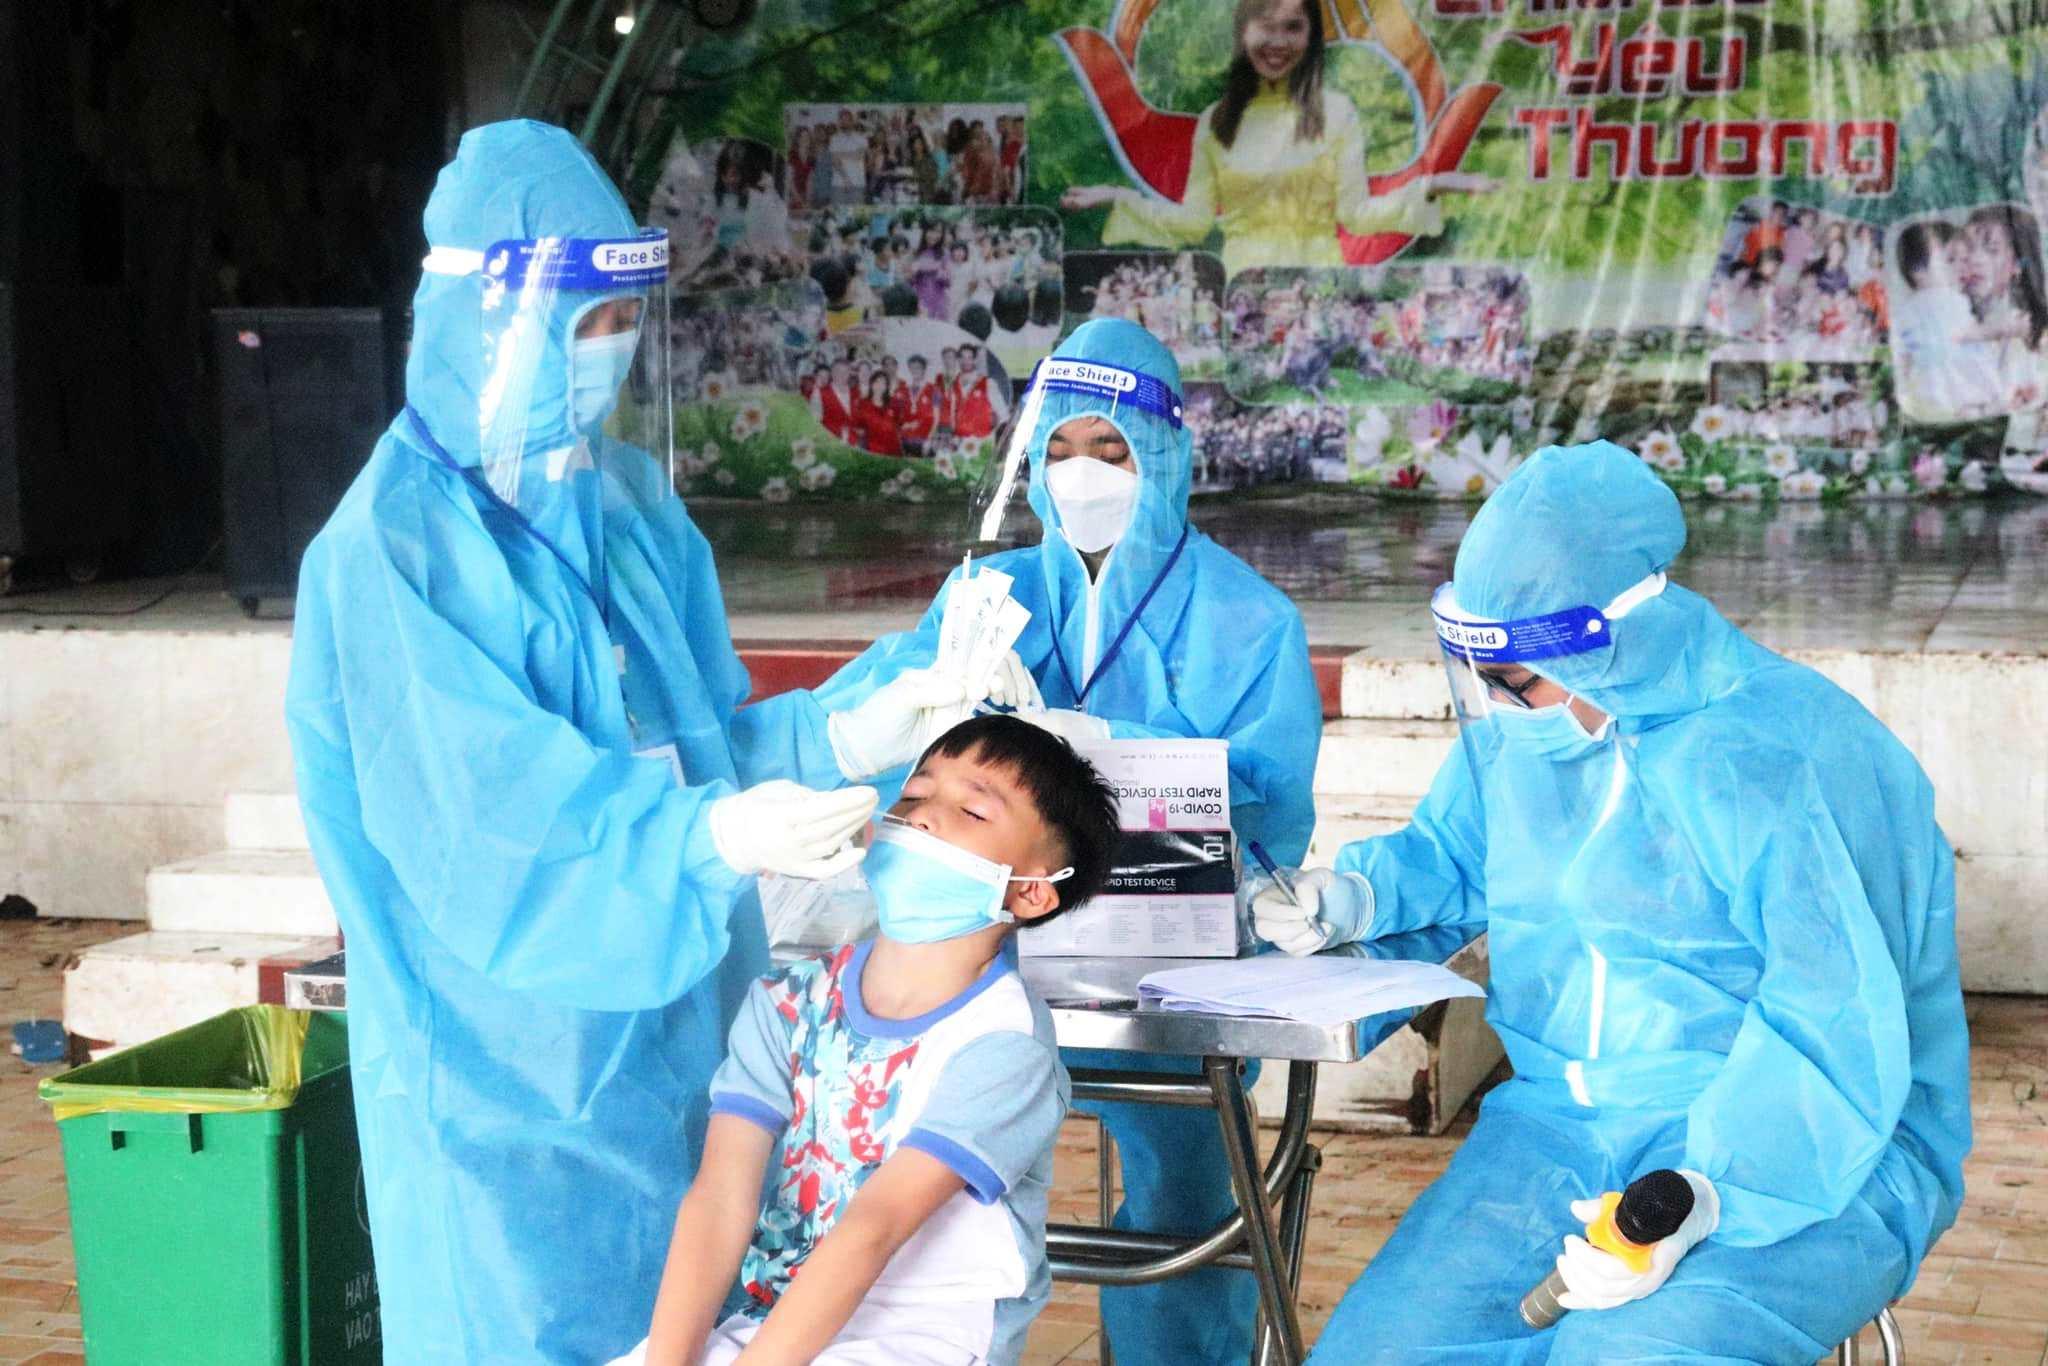 Cách ly tại chỗ 106 ca dương tính với SARS-CoV-2 tại Trung tâm nhân đạo Quê Hươn